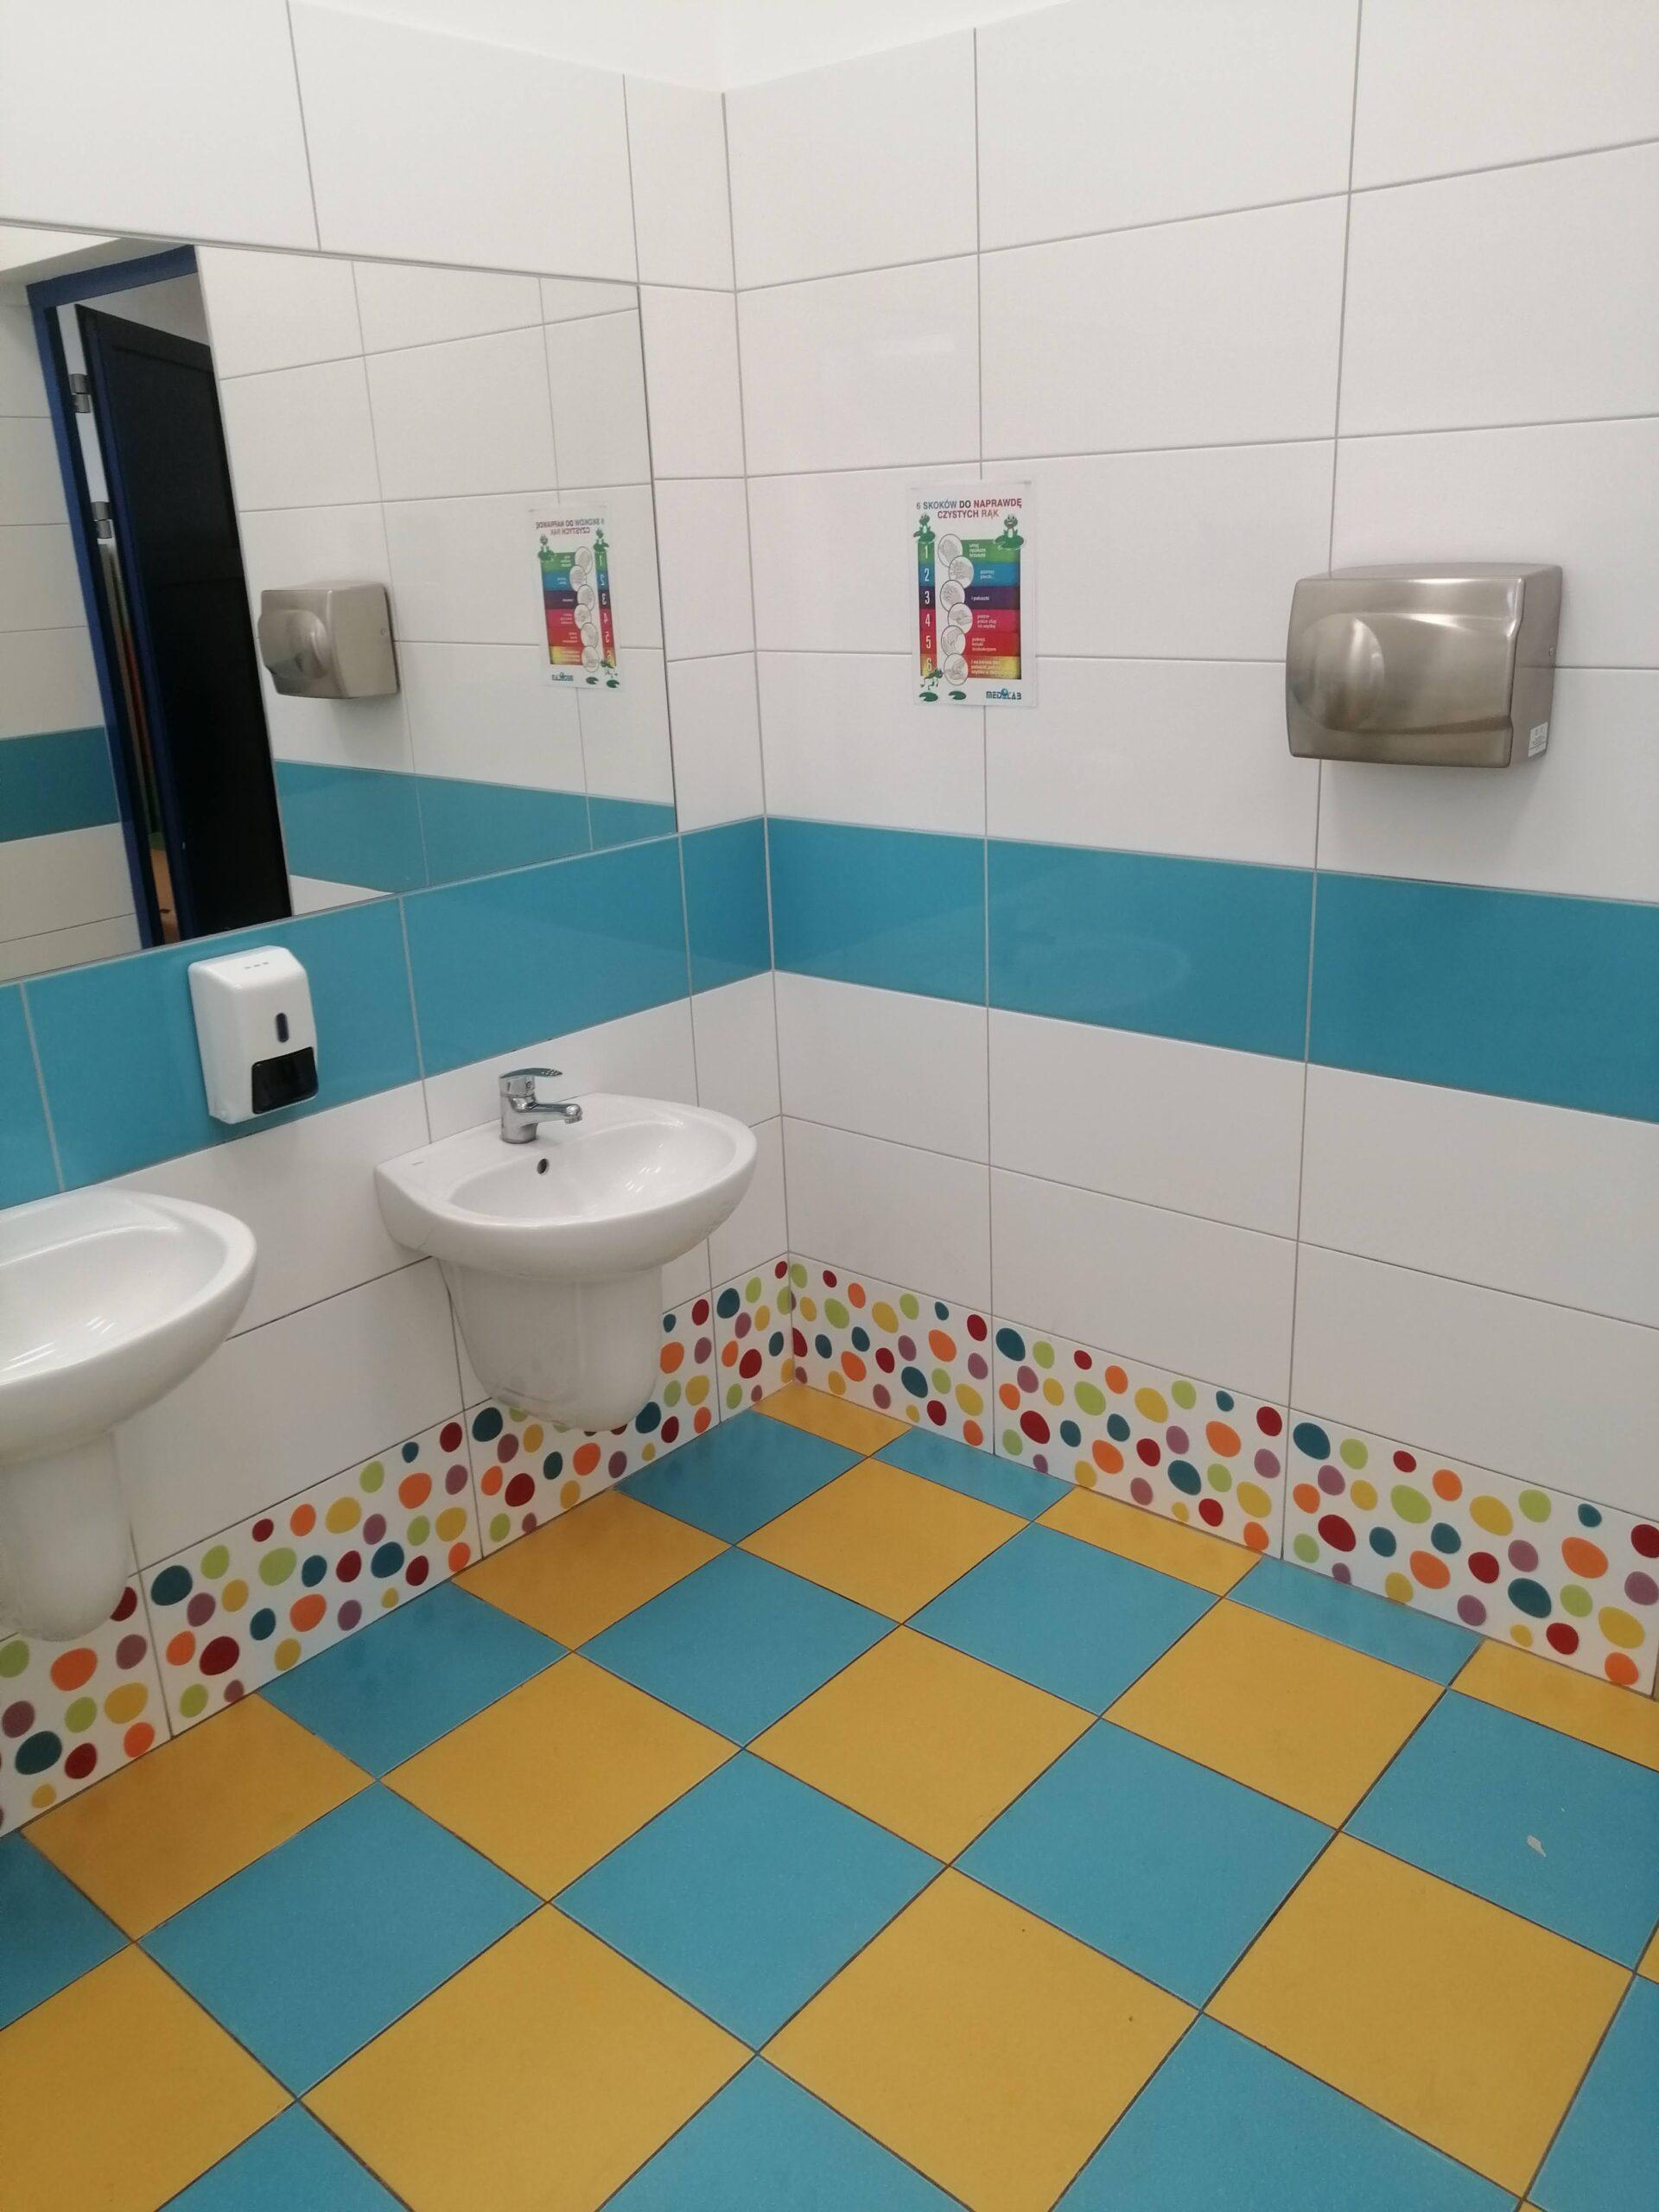 szkolna toaleta z niebiesko-żółtą posadzką